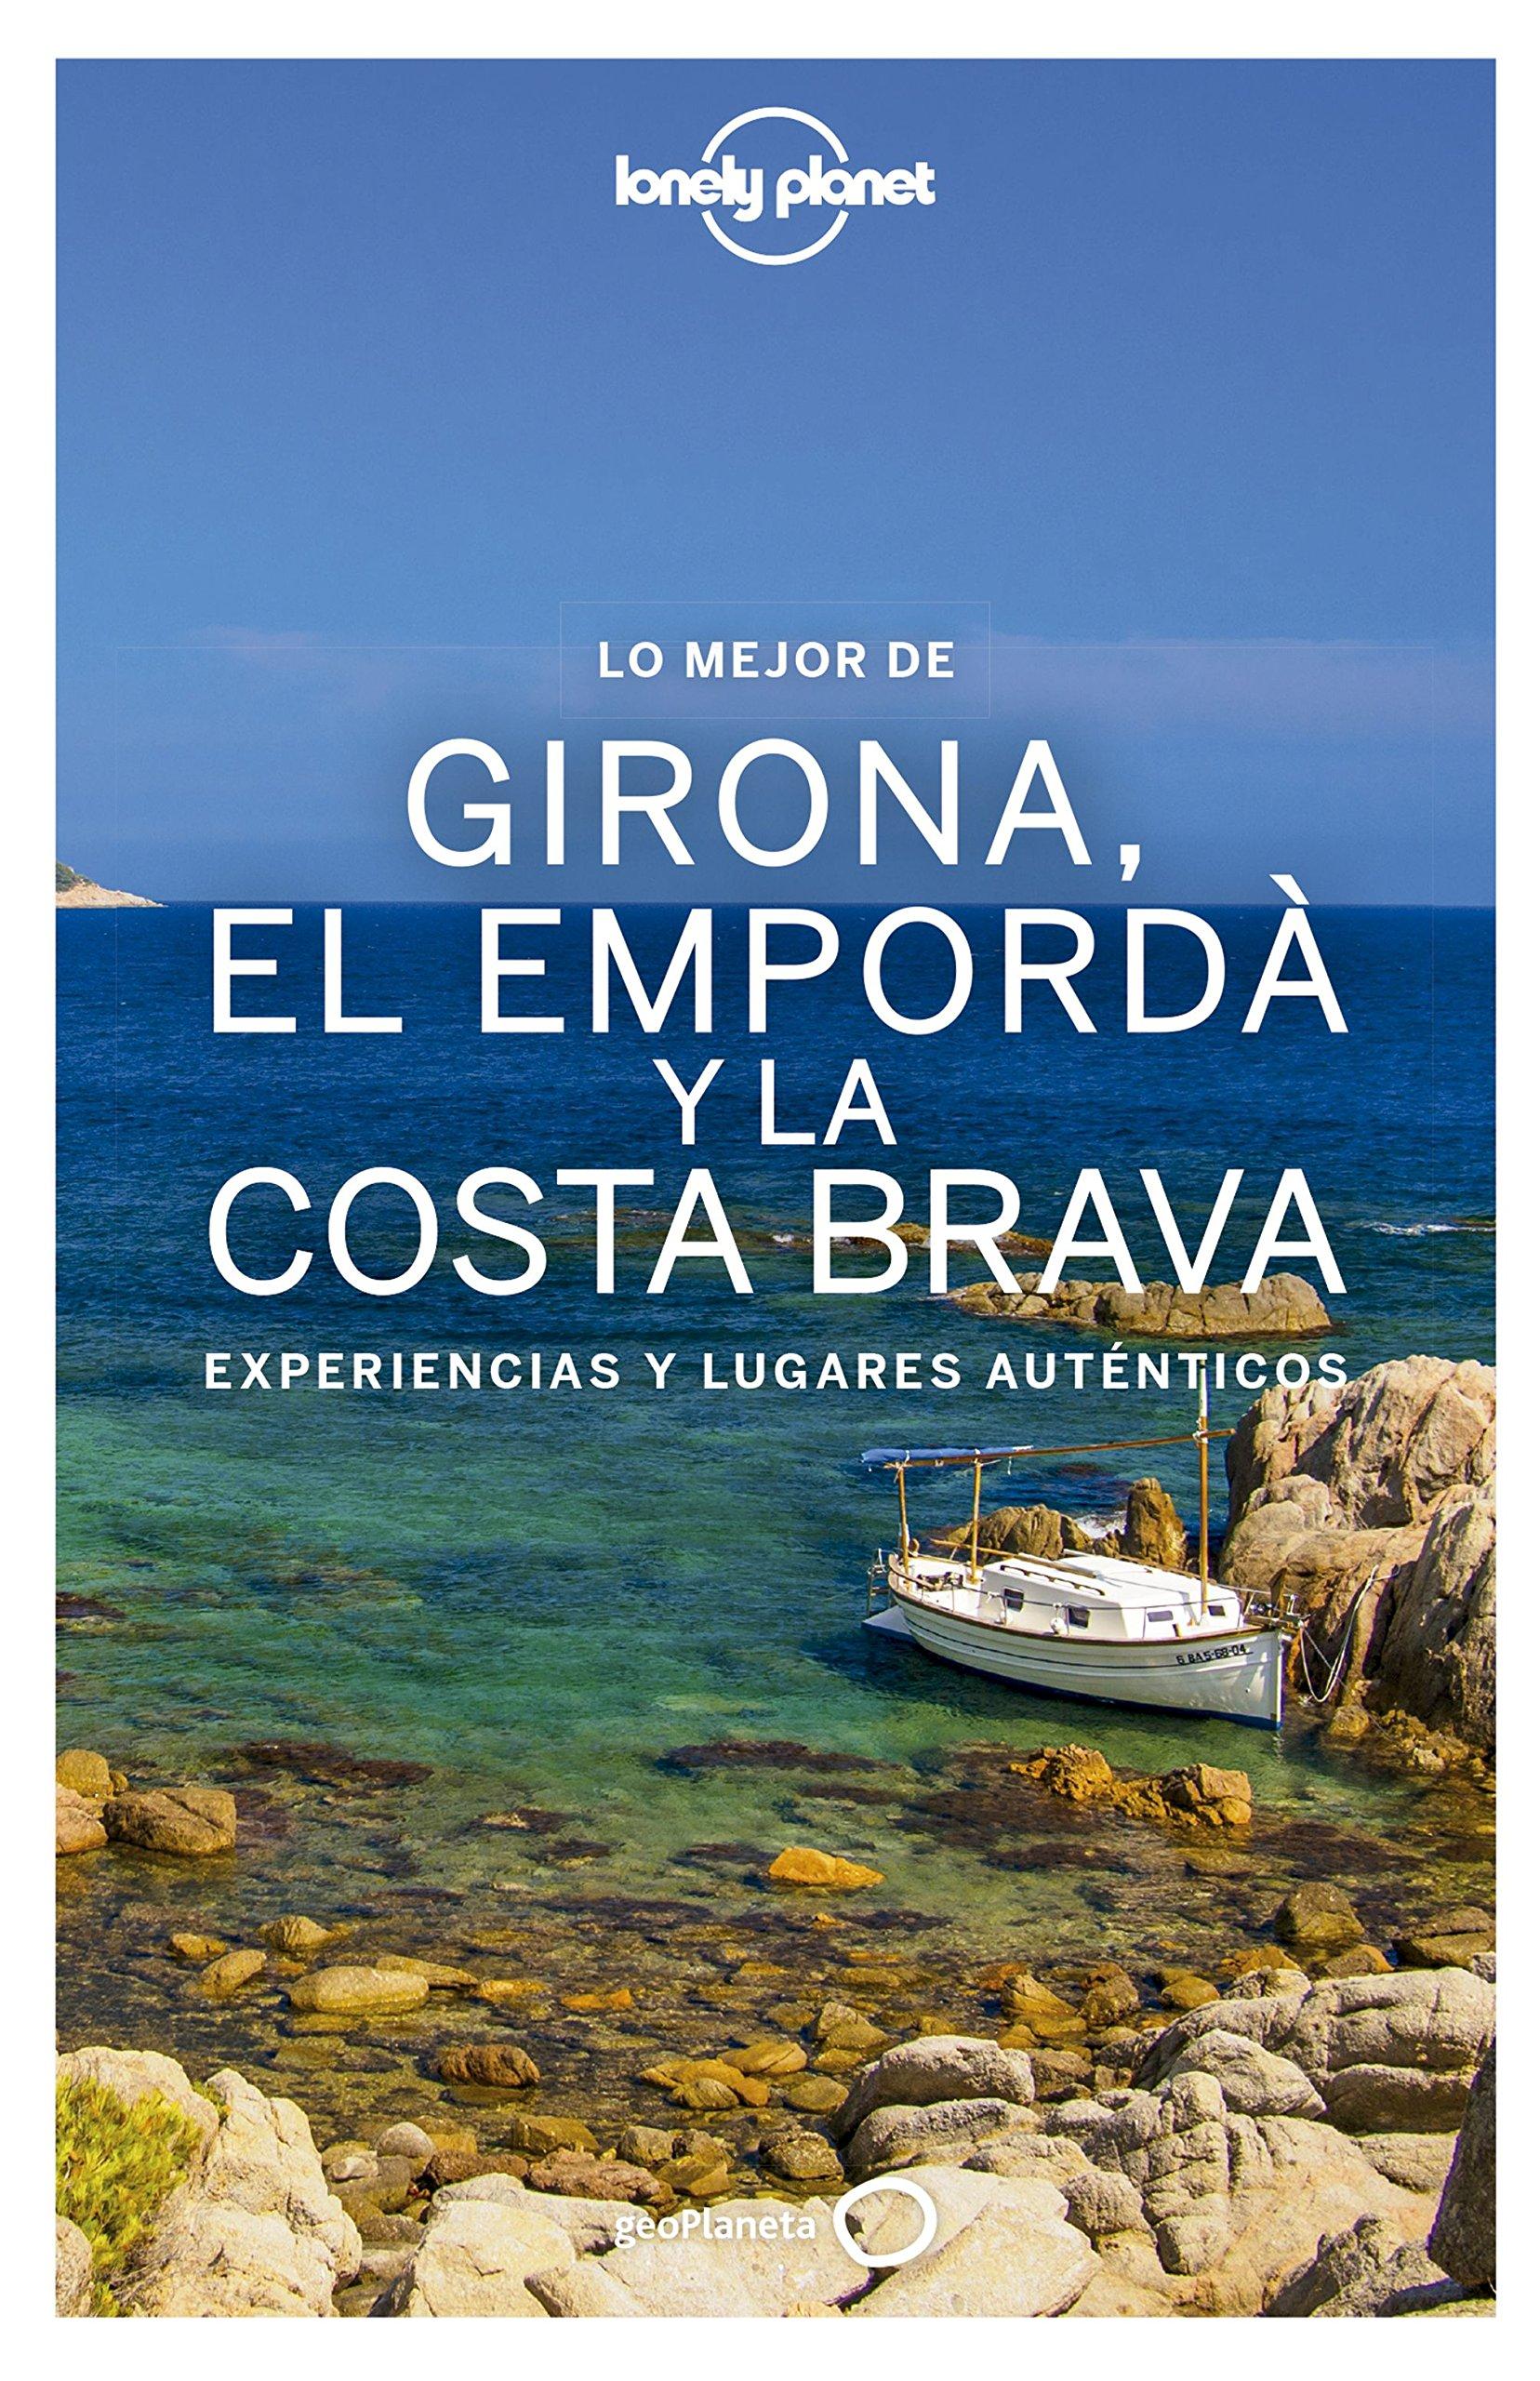 Girona, el Empordà y la Costa Brava